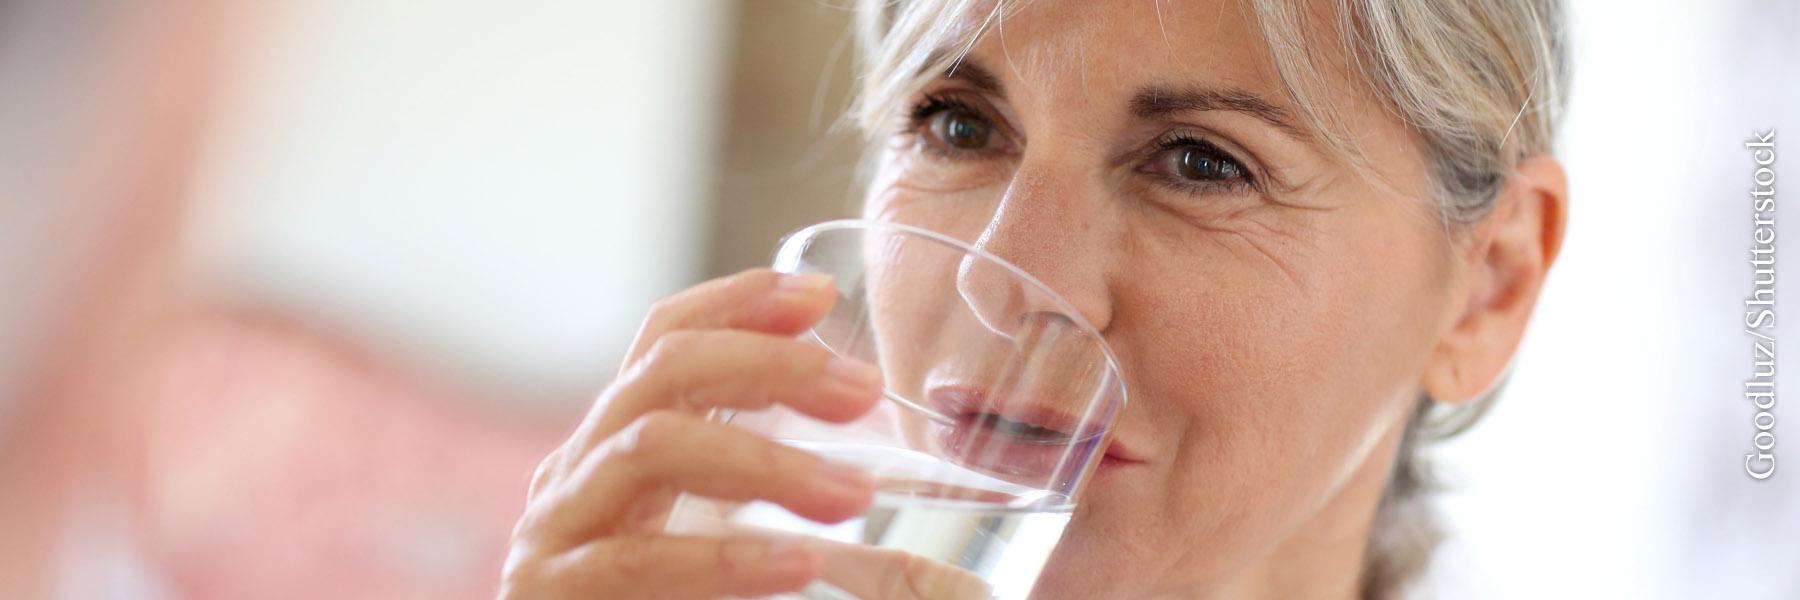 Blasenentzündung sanft behandeln